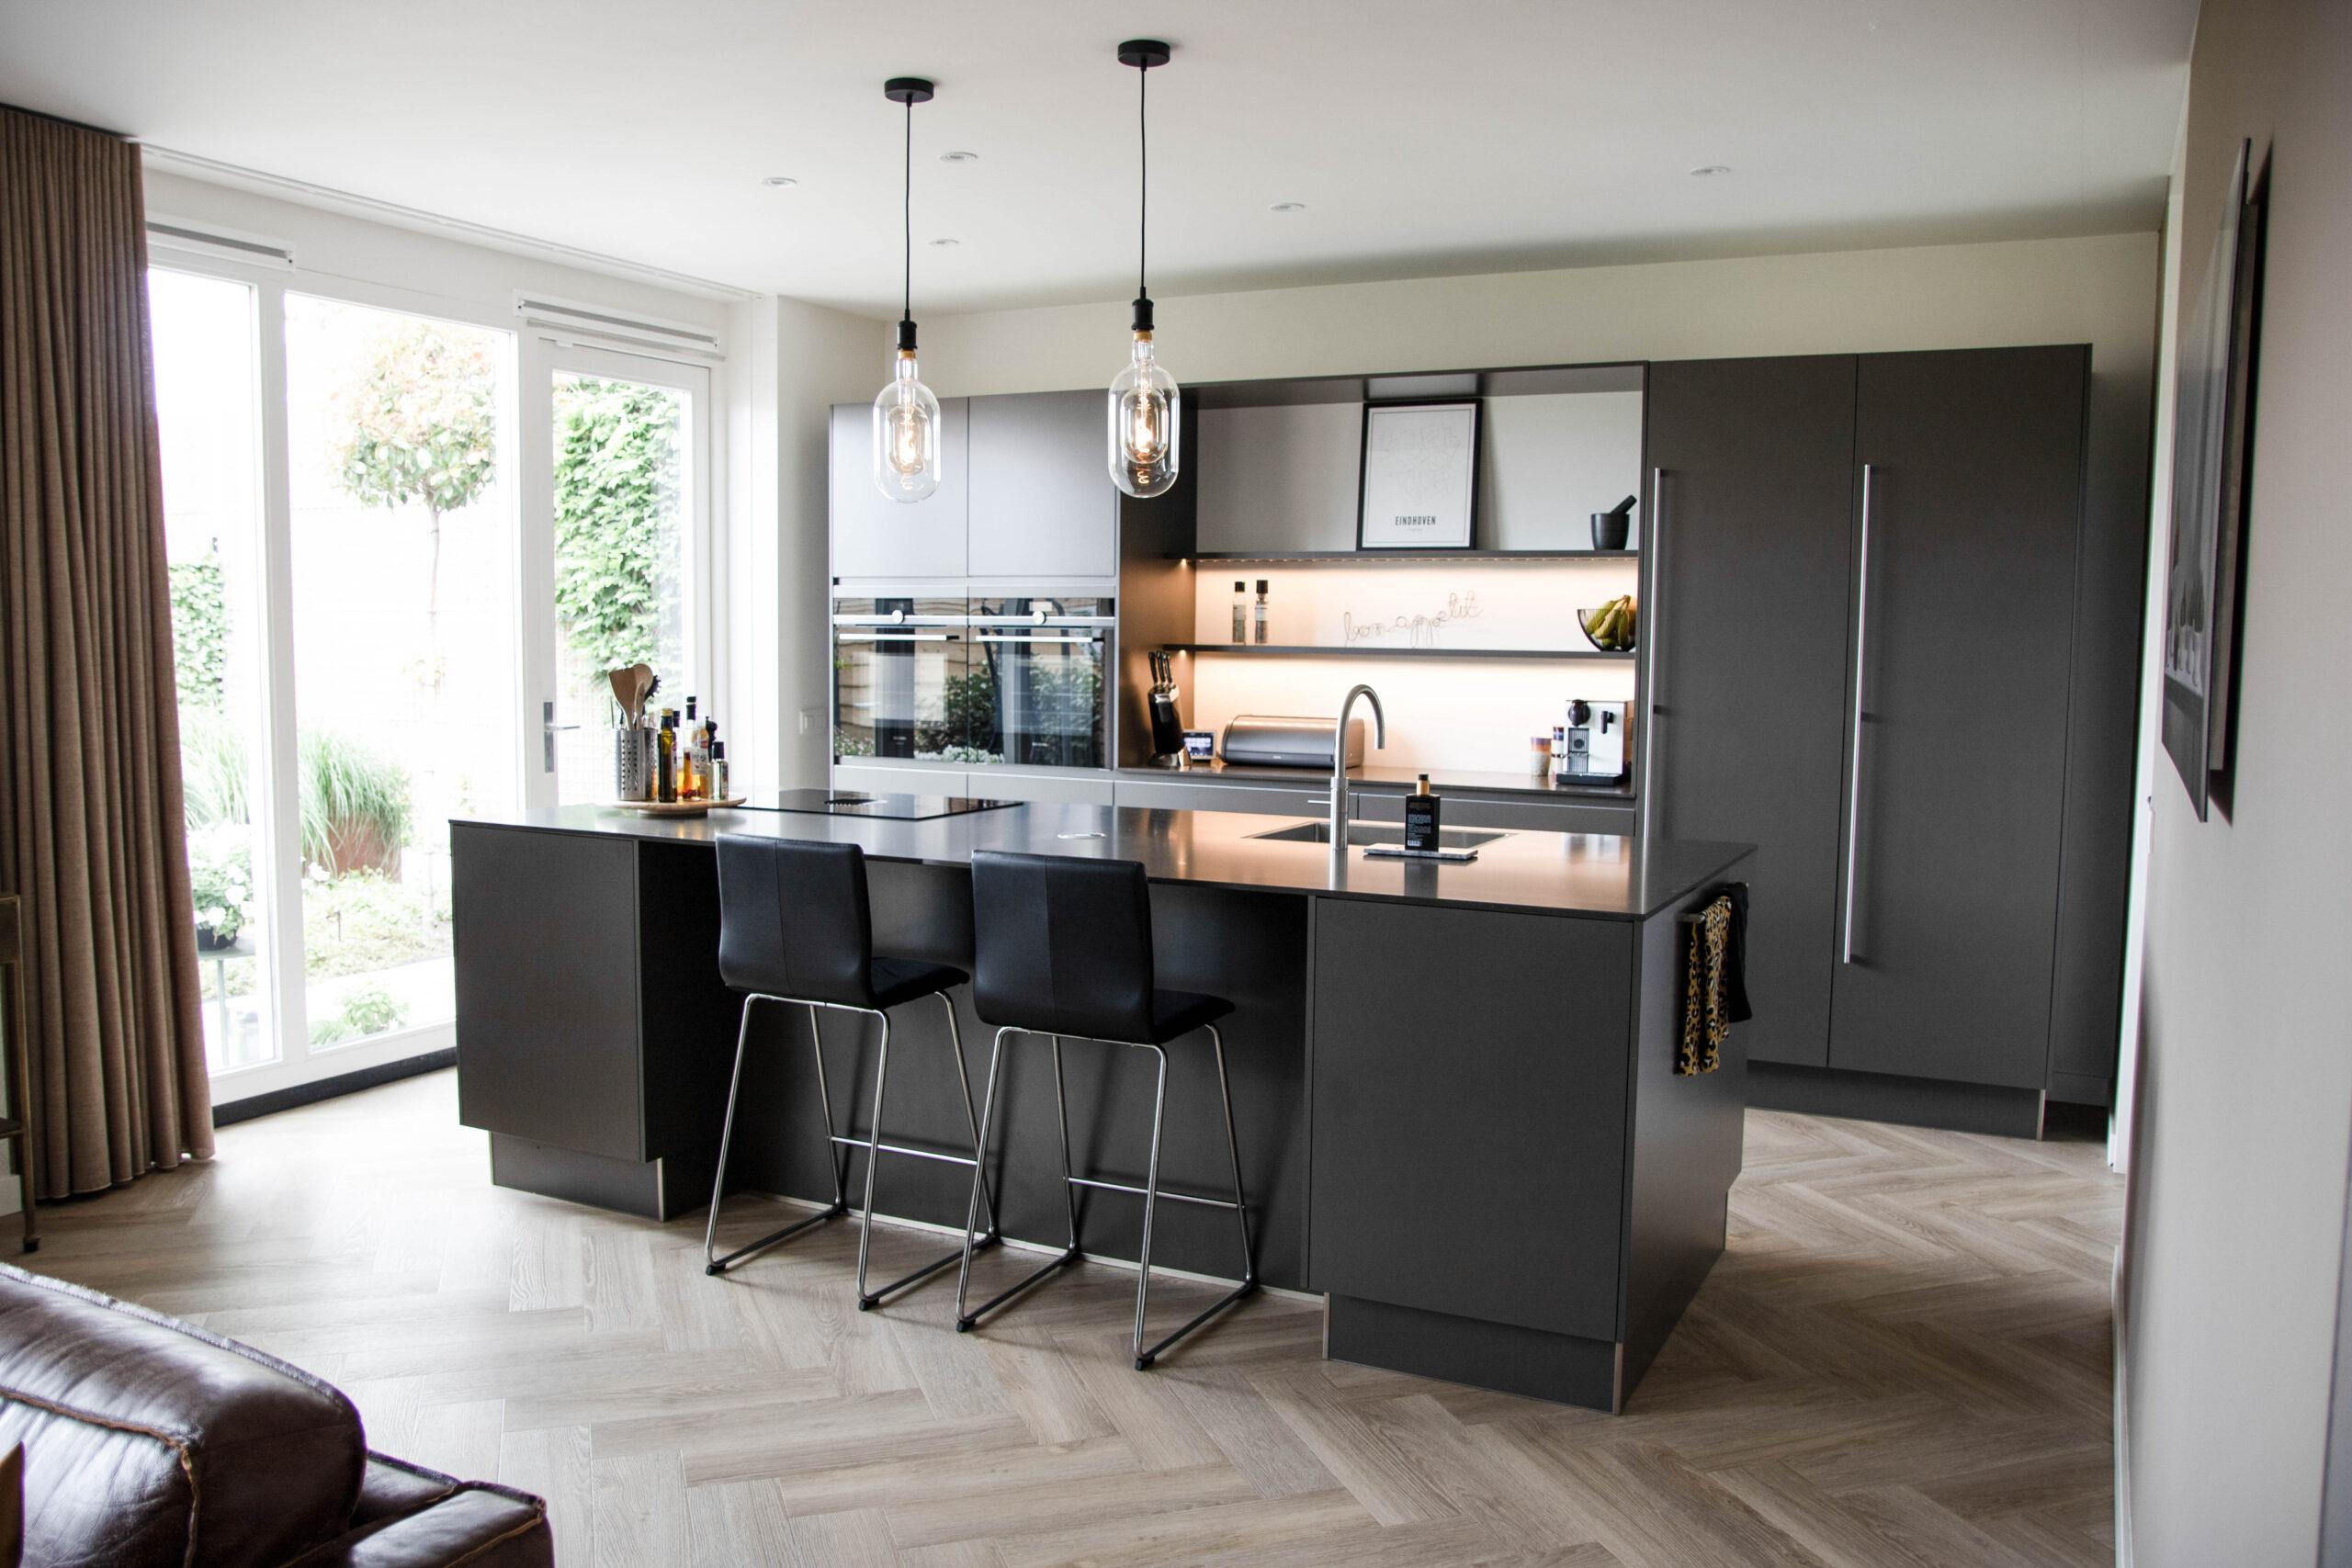 Donkere keuken donker keukenblad, Klantervaring ASWA Keukens